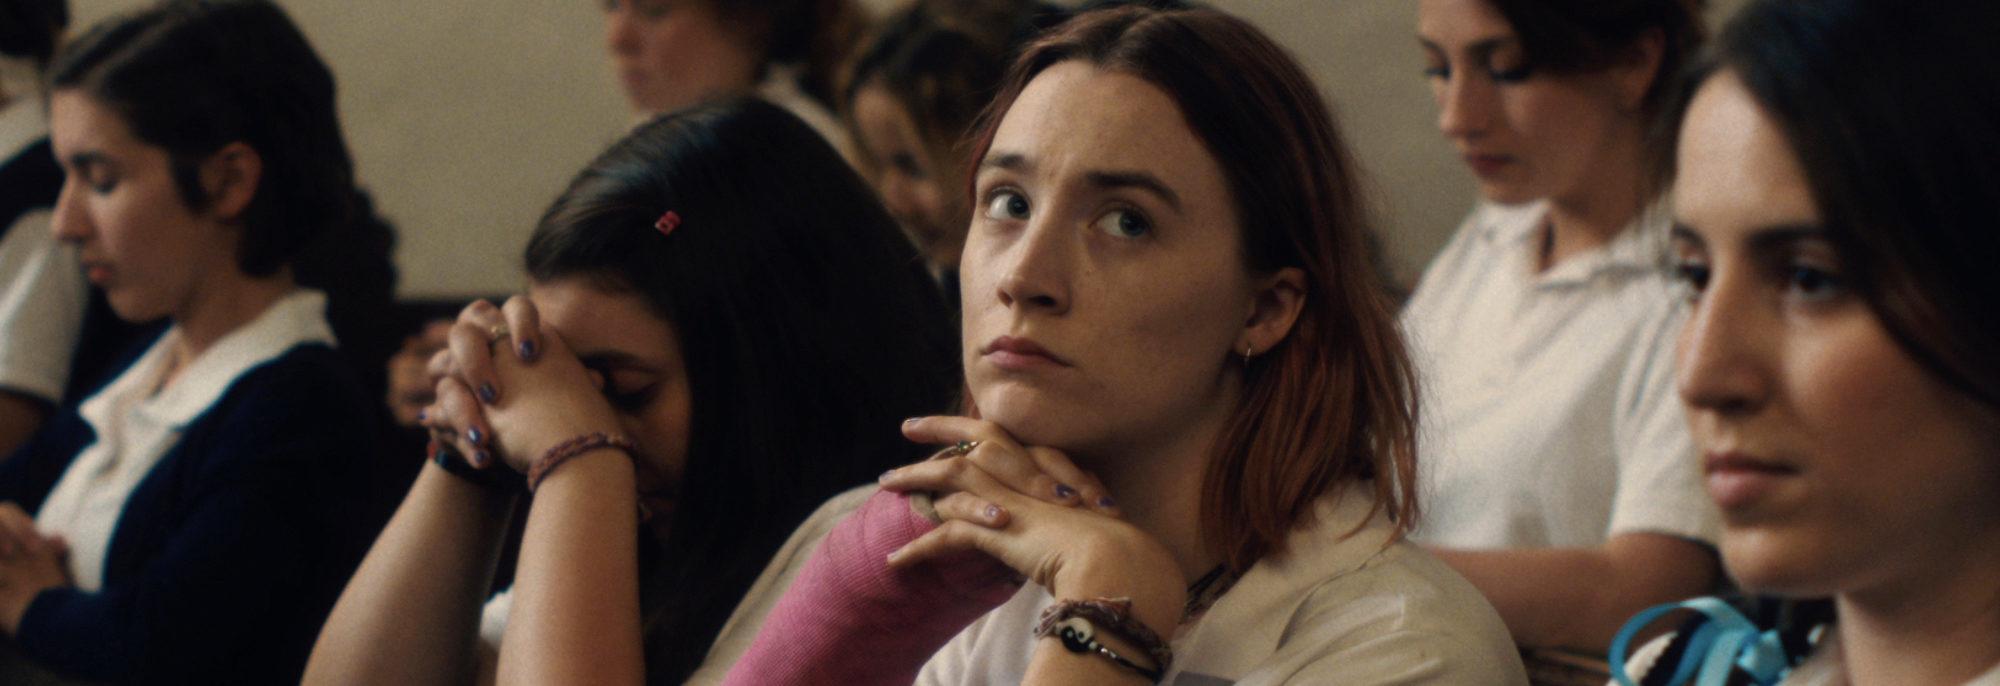 Consigli sui film in uscita al cinema a marzo - Pillole Future - lady bird